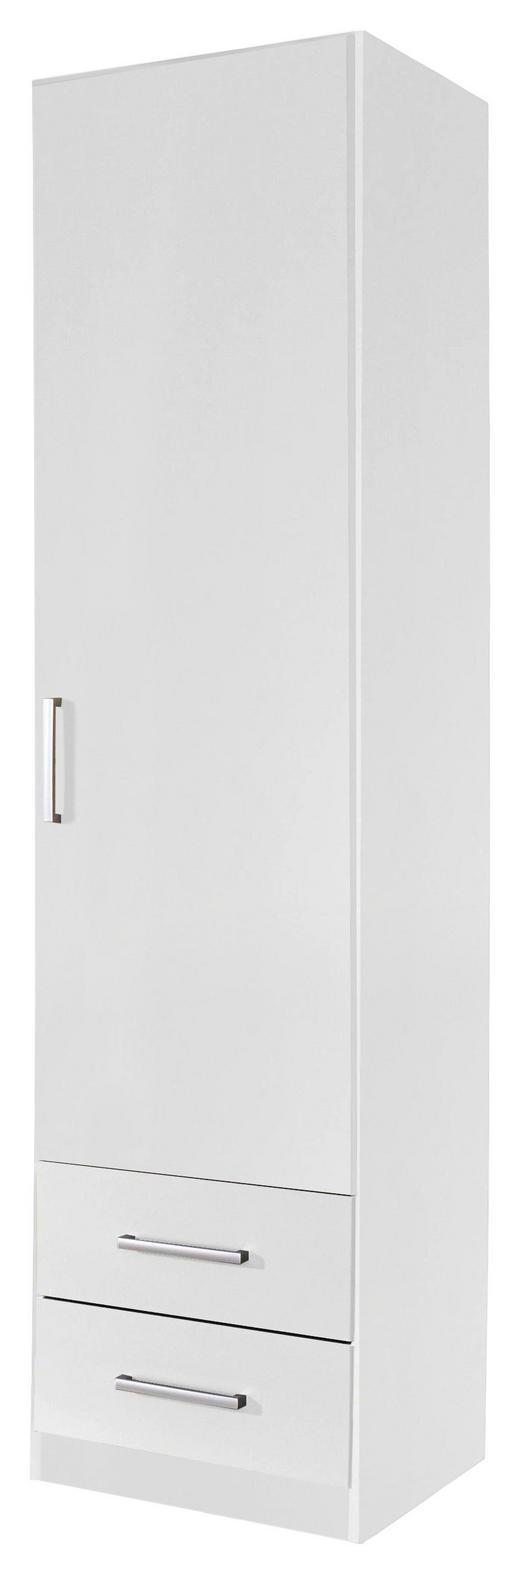 DREHTÜRENSCHRANK 1-türig Weiß - Silberfarben/Weiß, Design, Holzwerkstoff/Kunststoff (47/197/54cm) - Carryhome